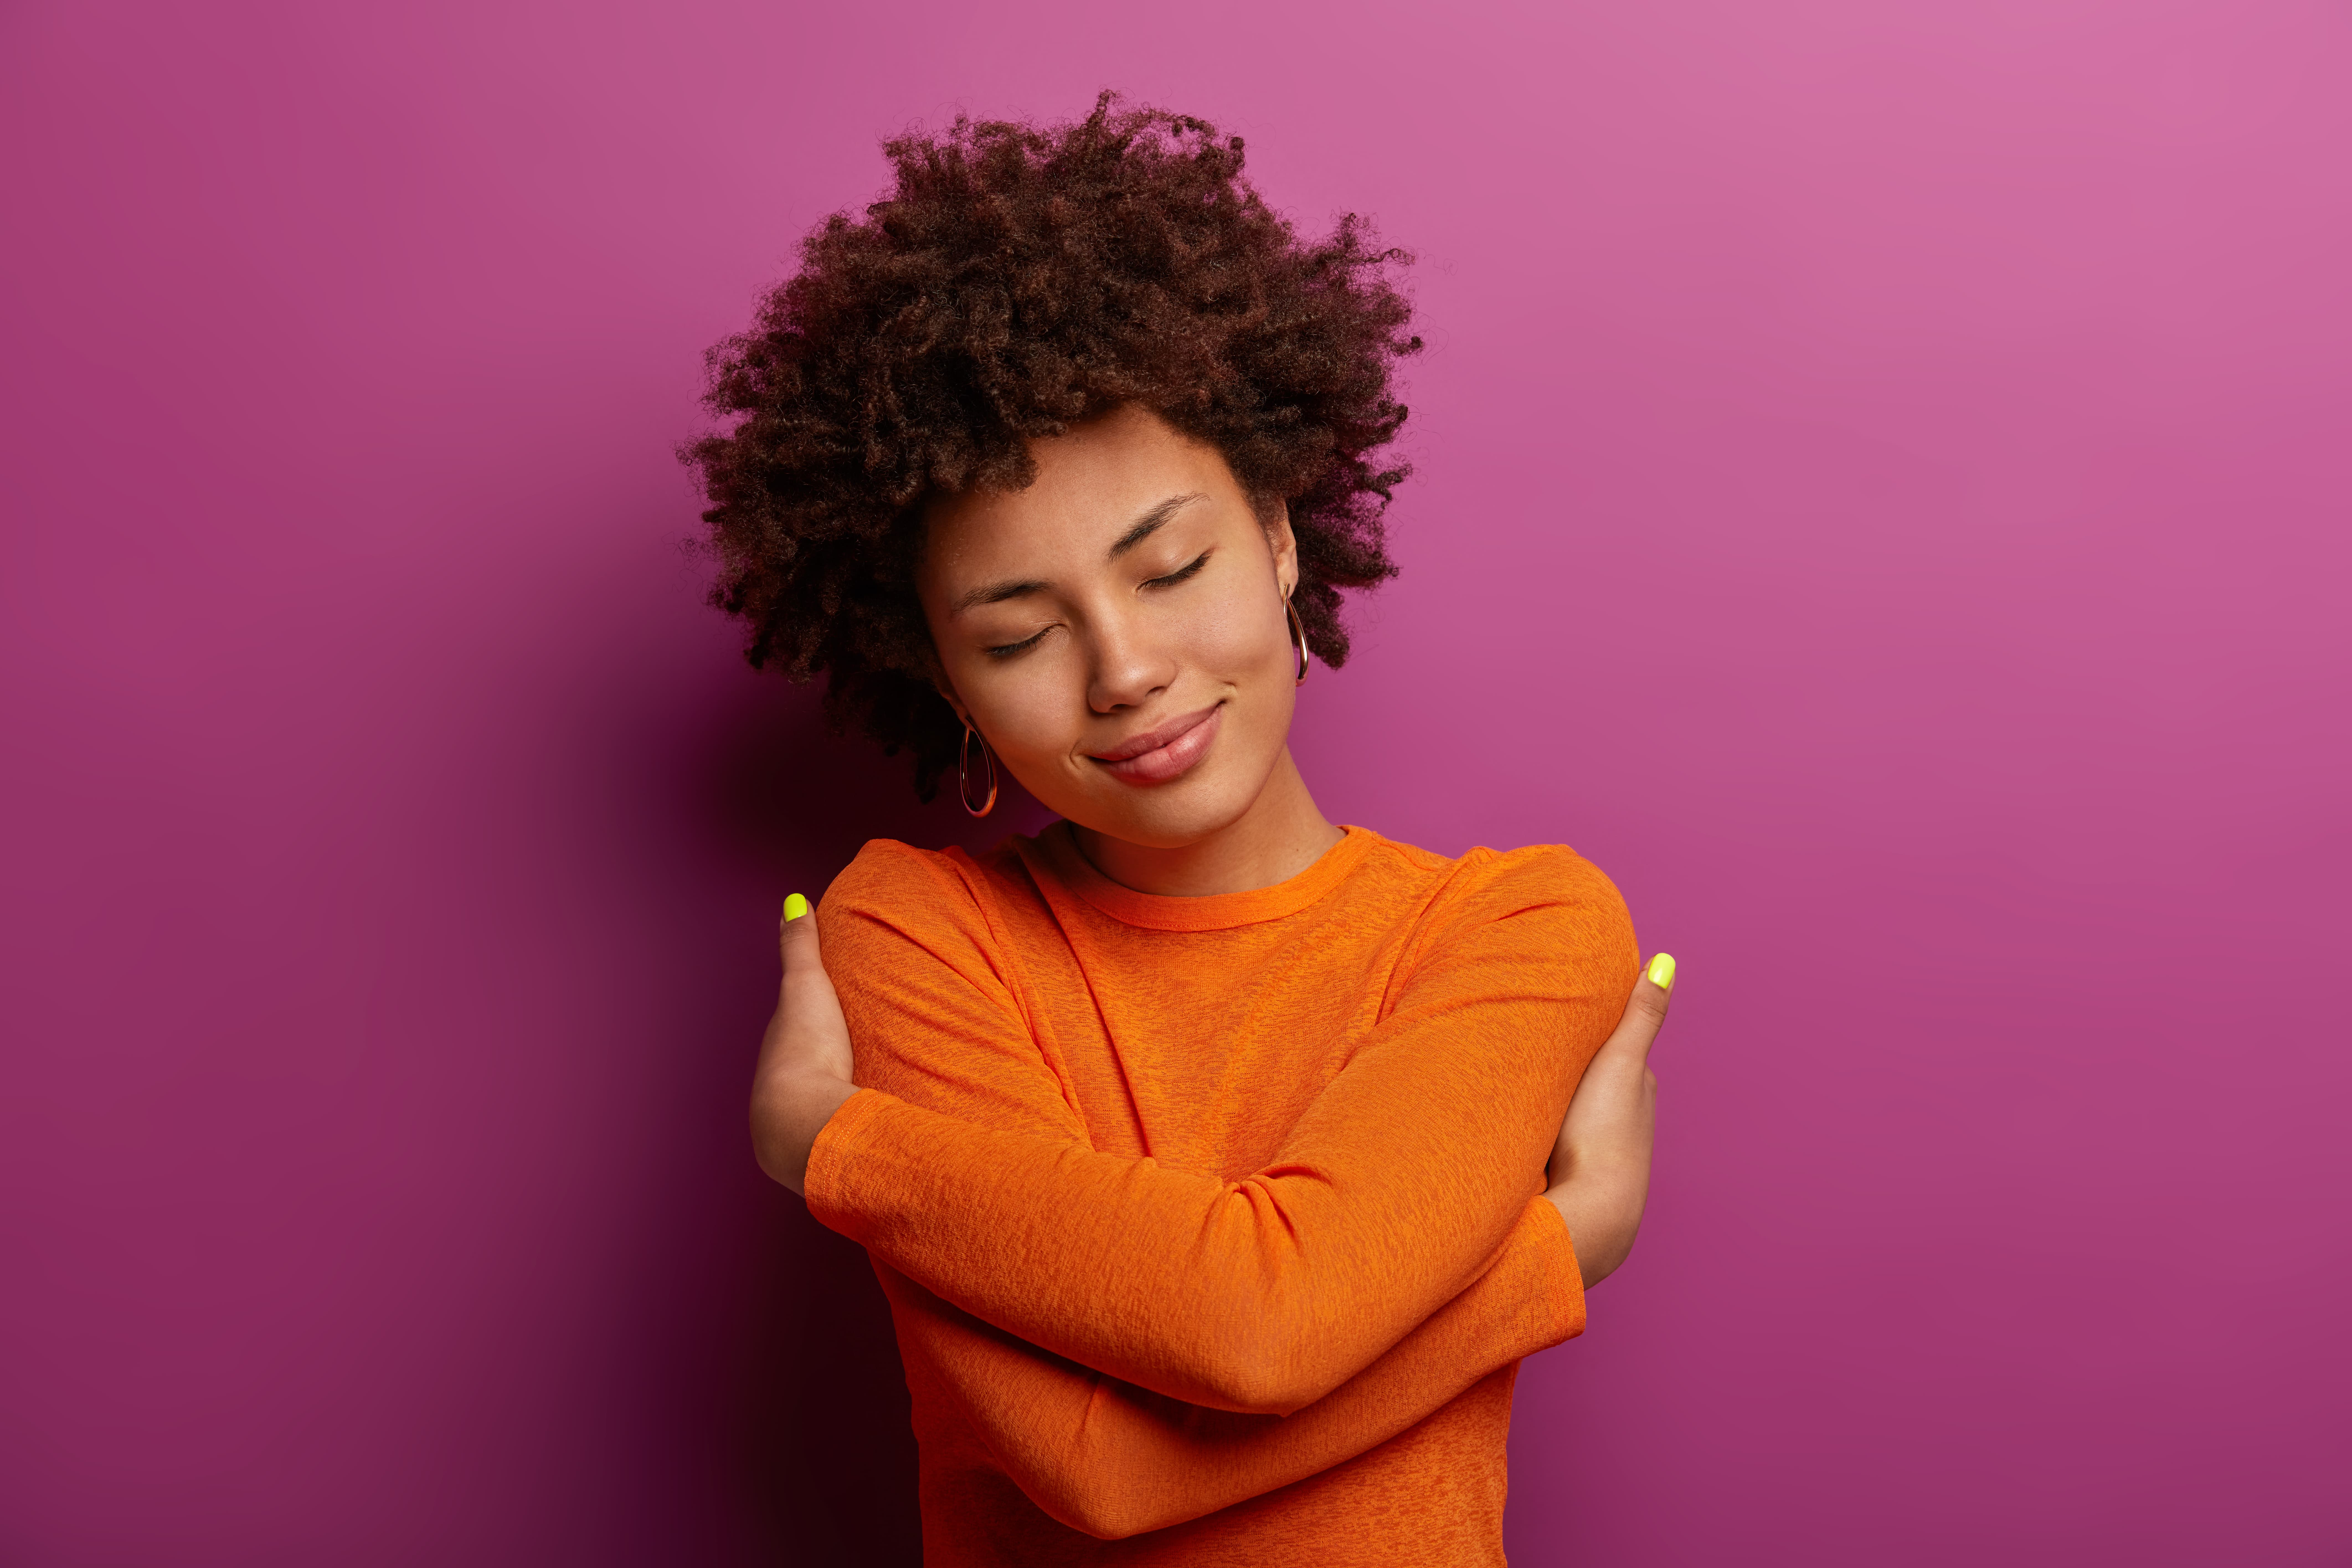 Mulher se abraçando demonstrando auto estima